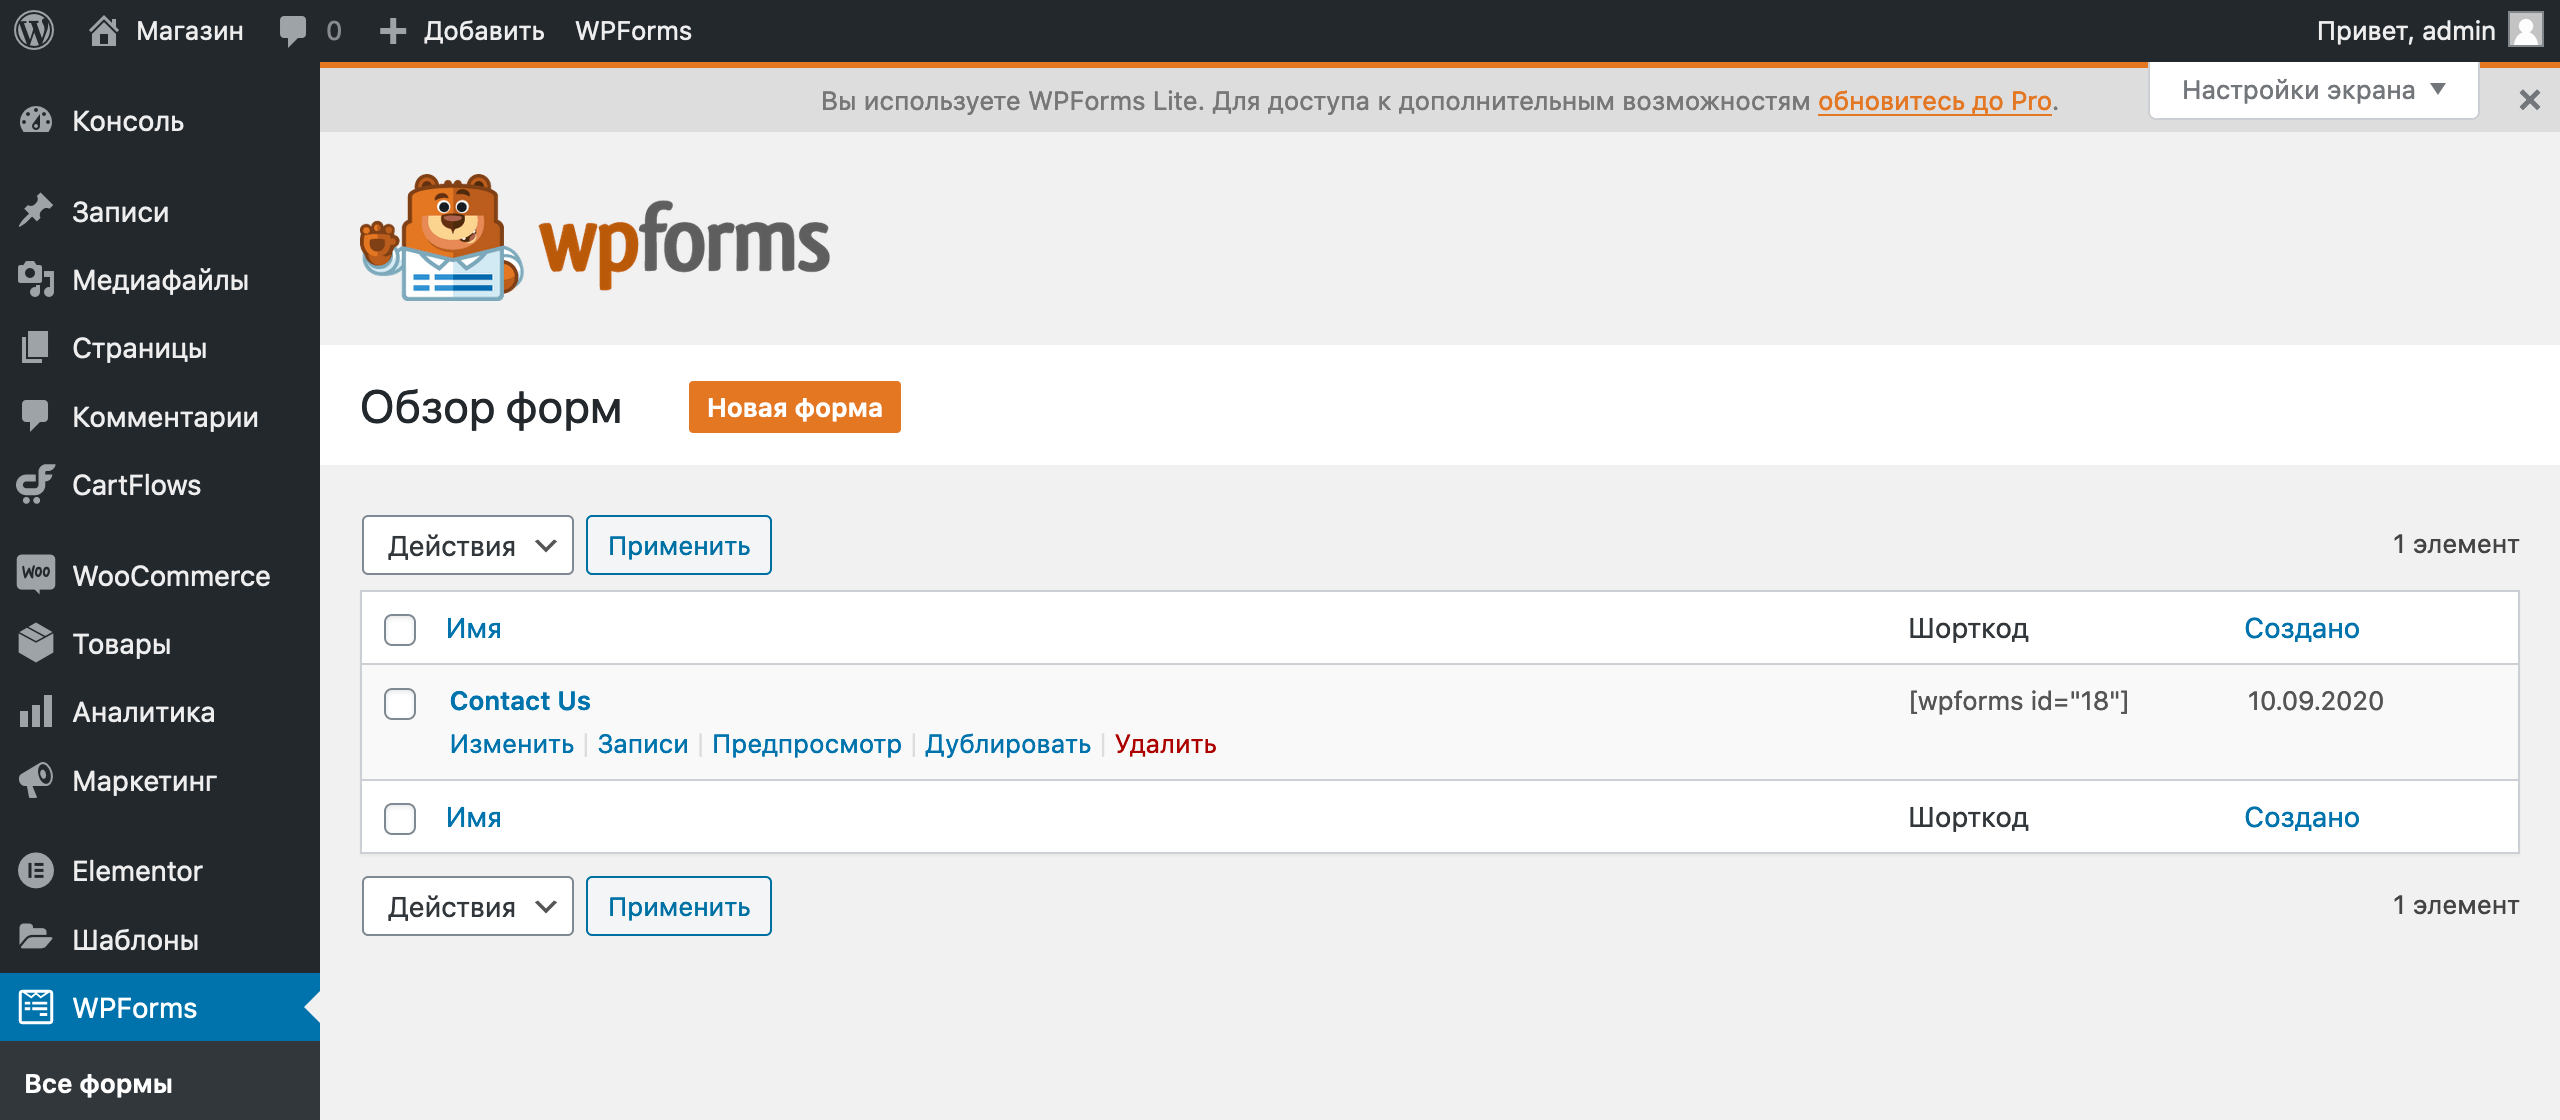 Как создать интернет-магазин на WordPress: домашняя страница раздела WPForms